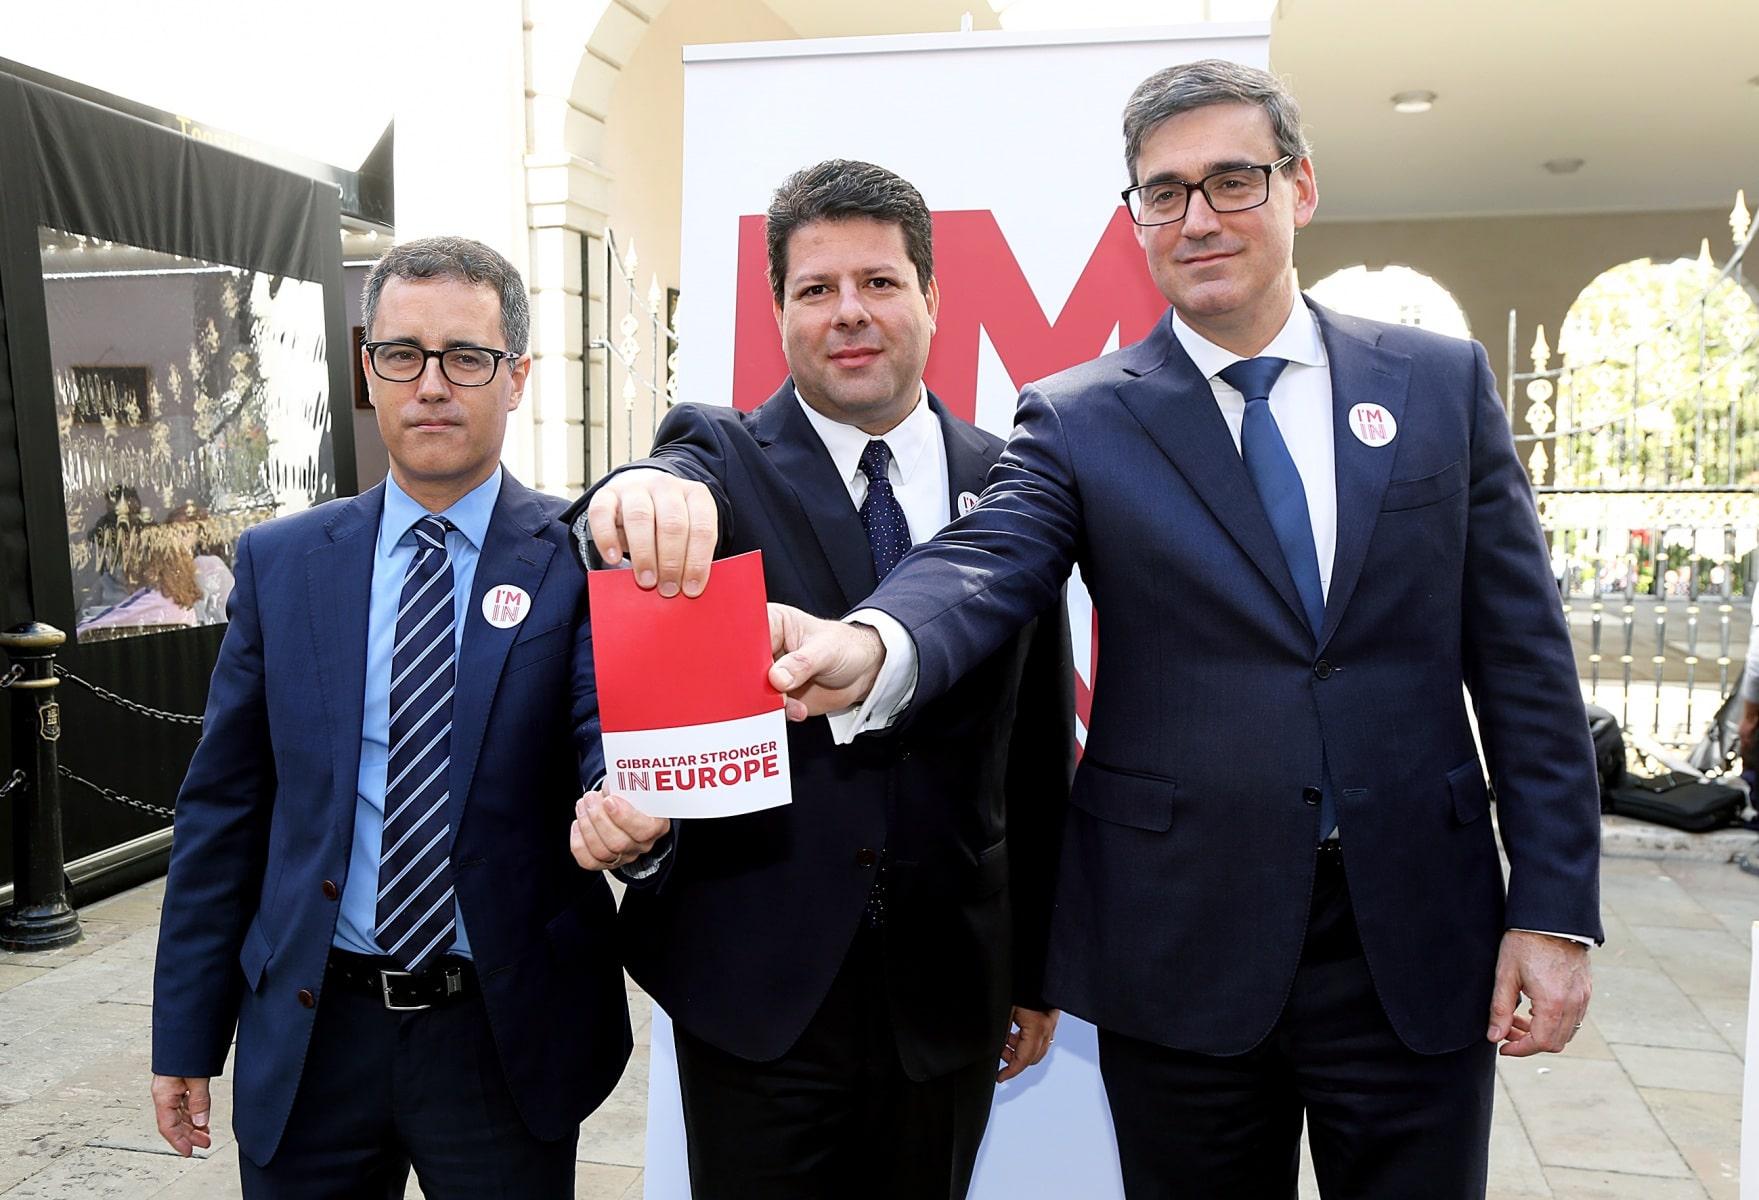 lanzamiento-de-la-campaa-gibraltar-stronger-in-europe_26321338281_o